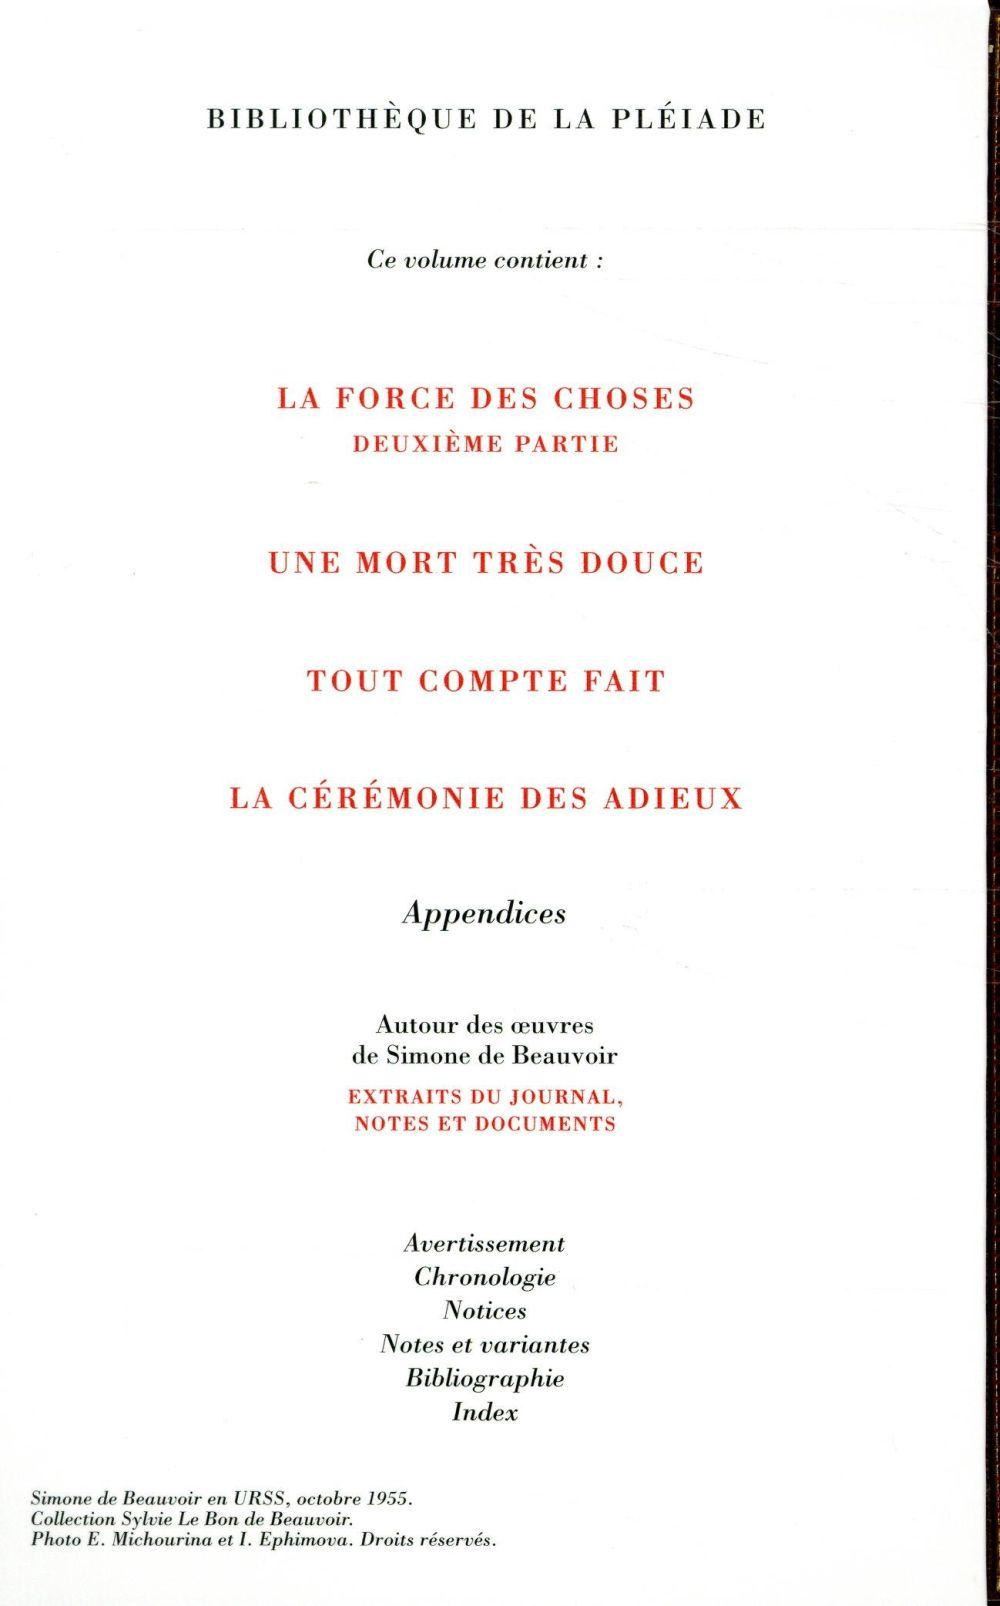 Mémoires t.2